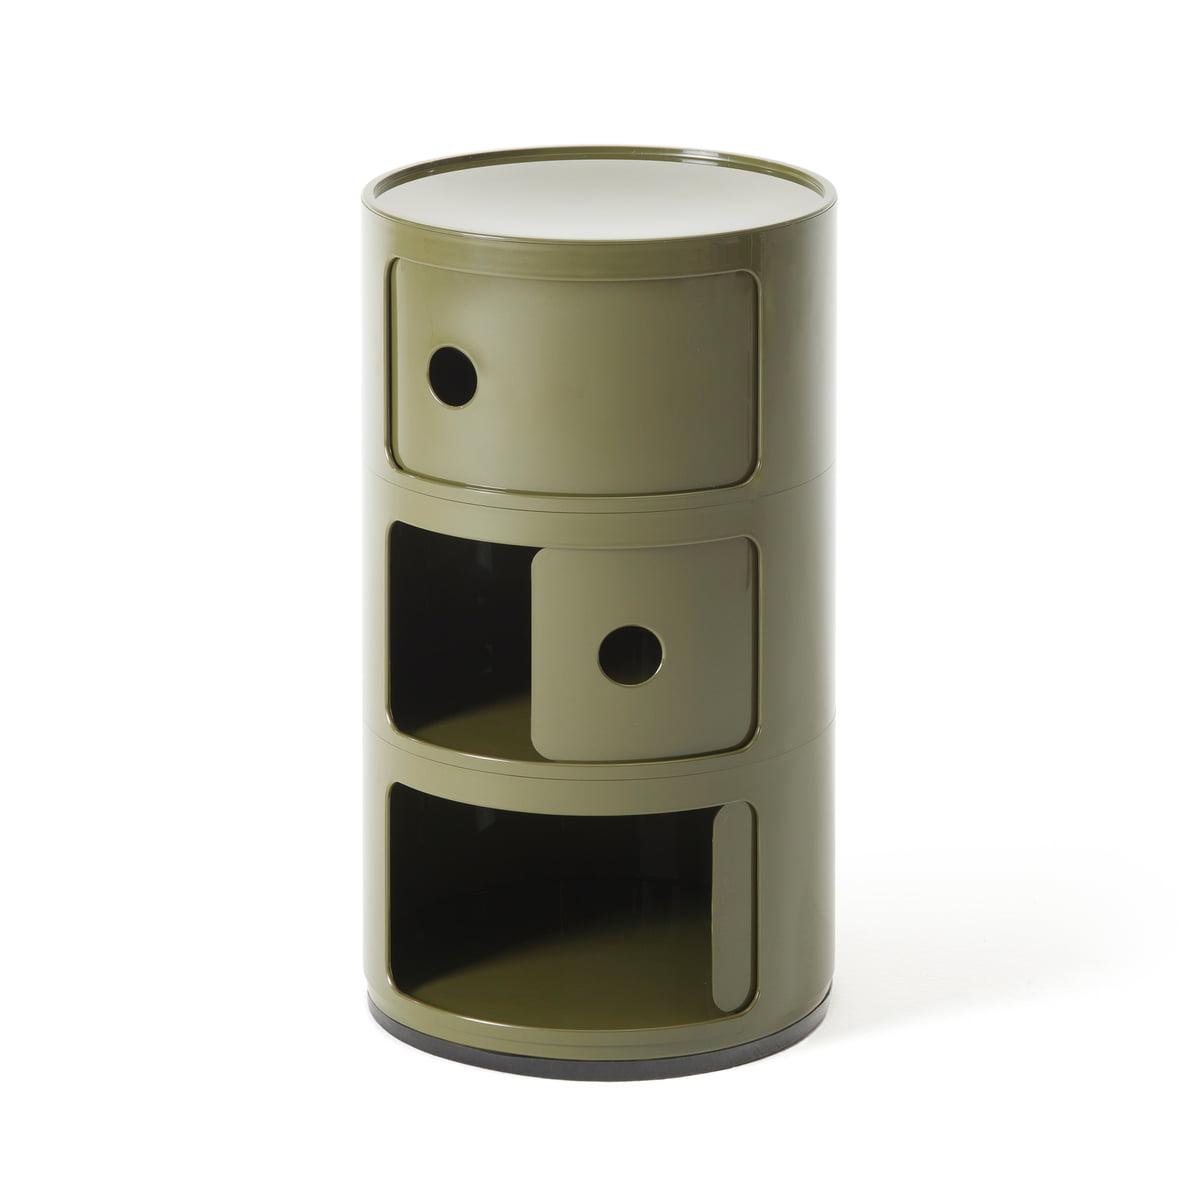 D couvrez le componibili 4967 de kartell - Table de chevet kartell ...